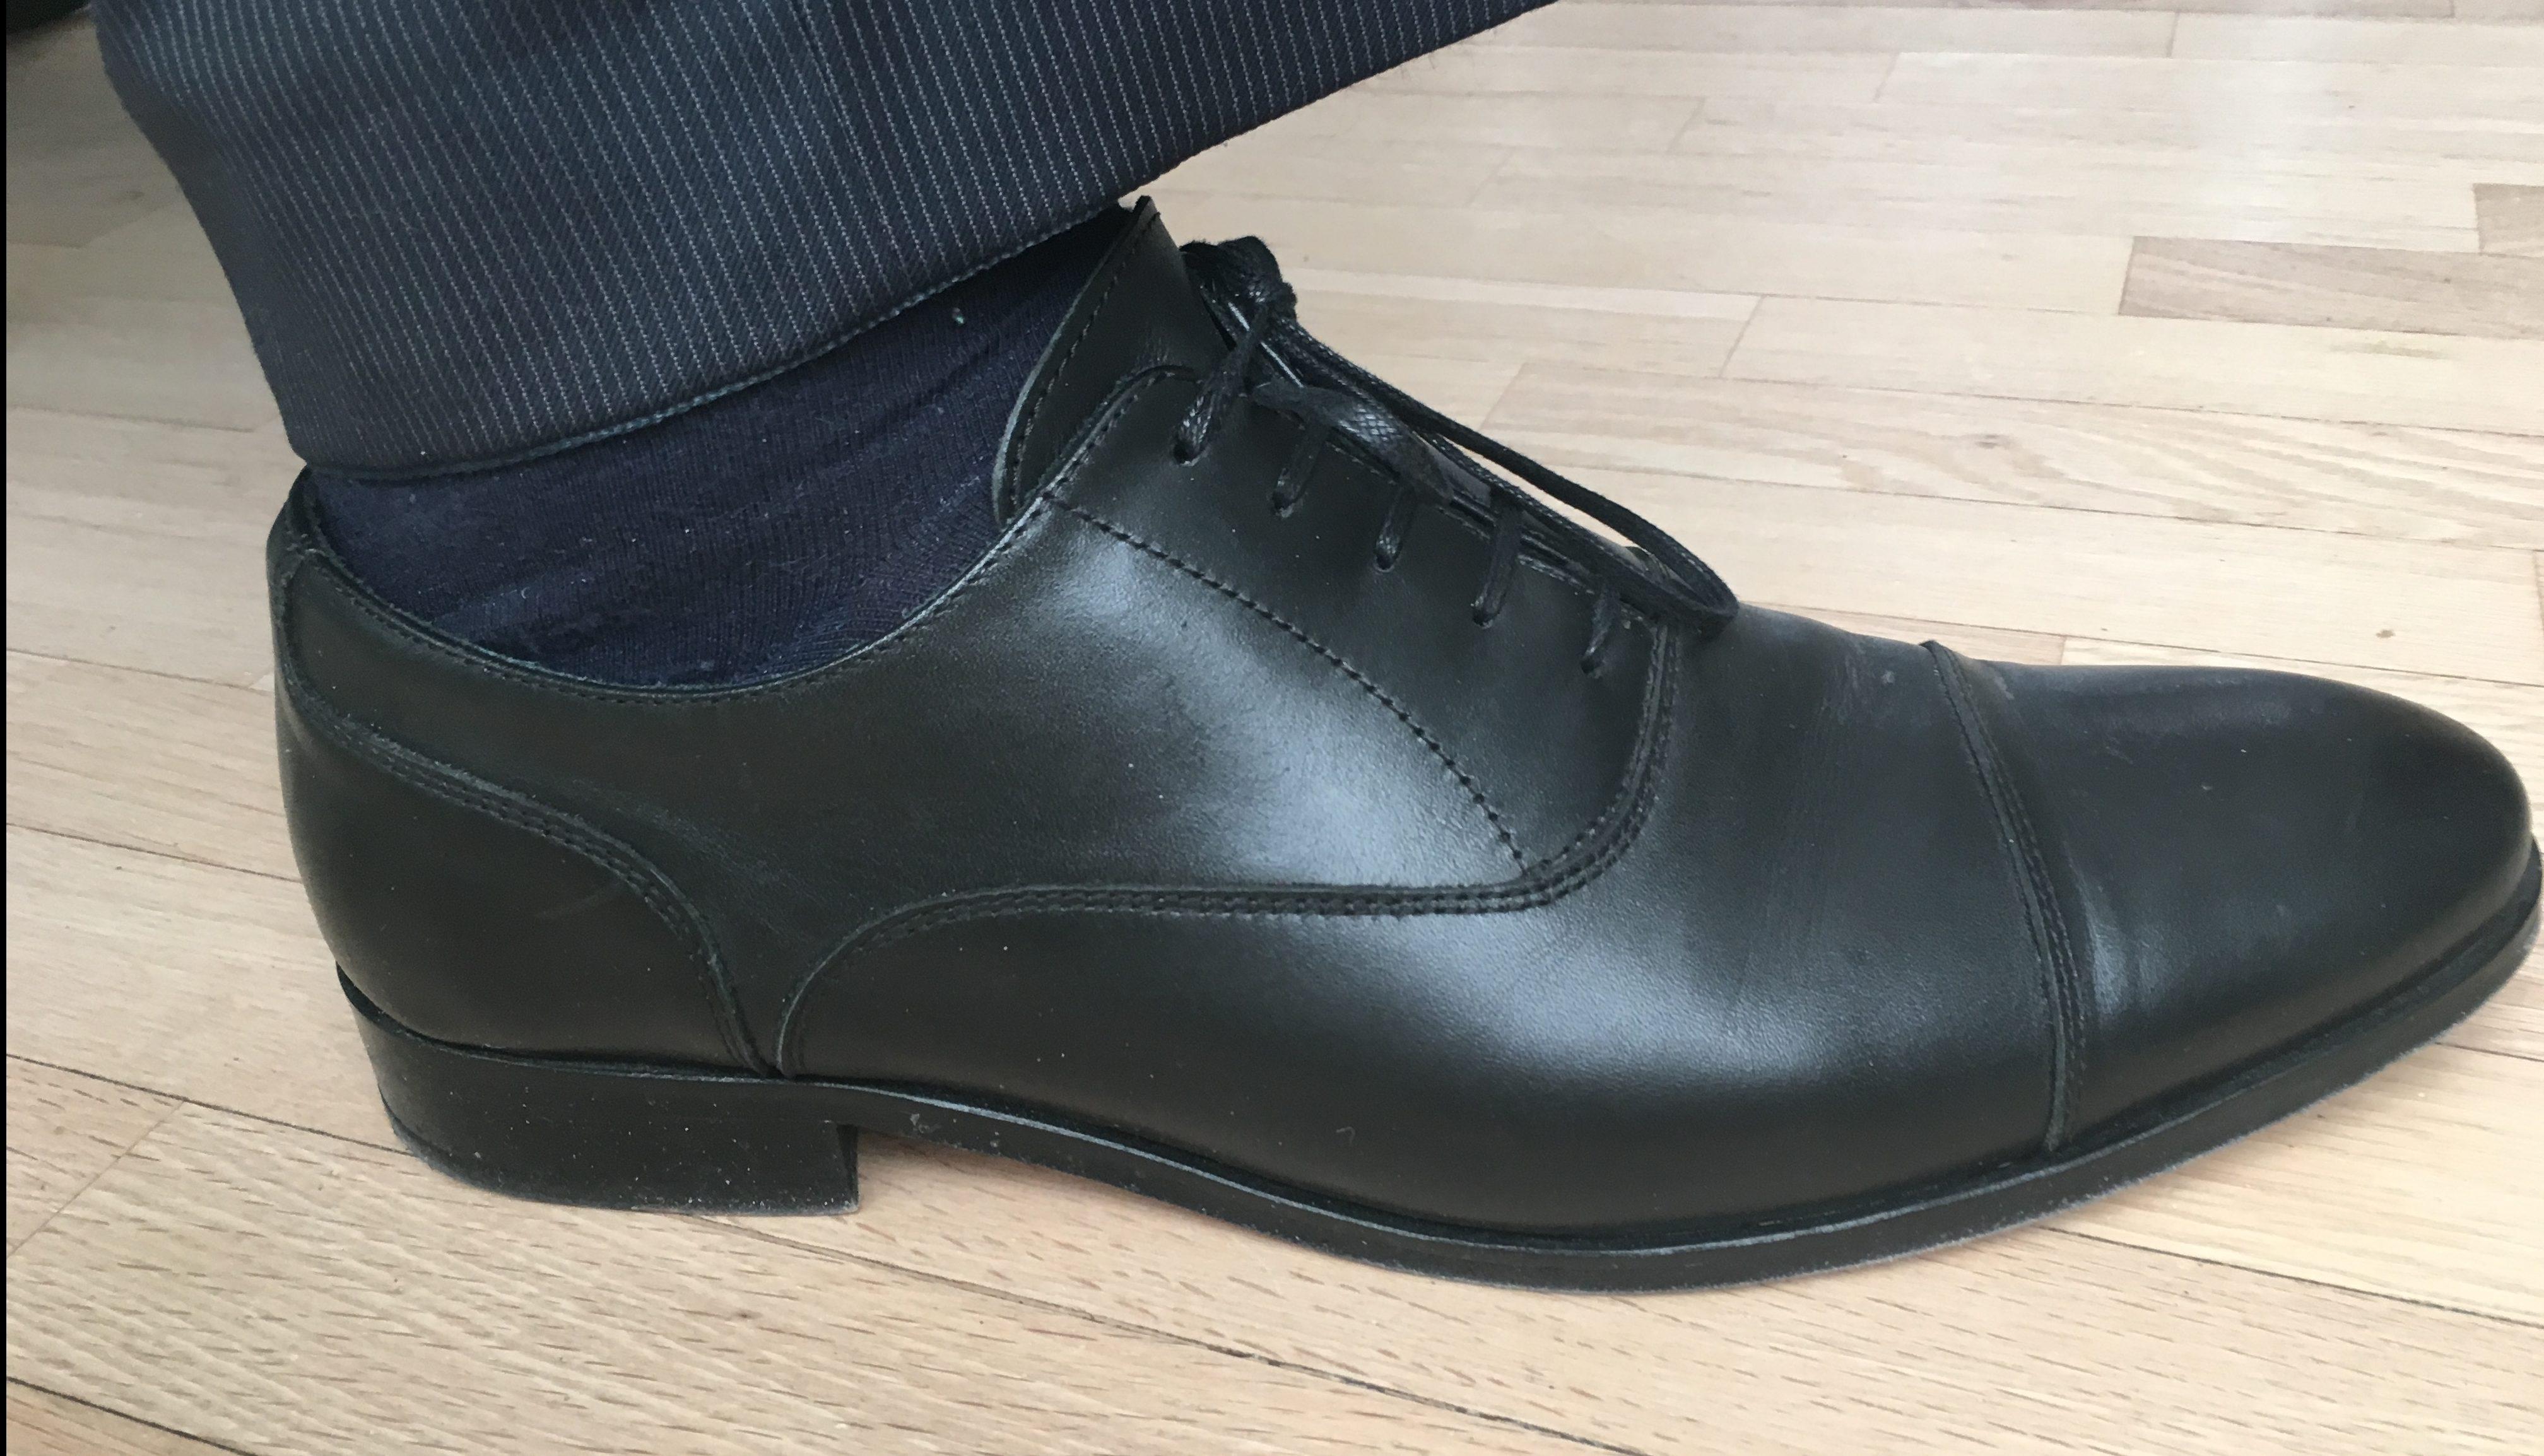 37ef3783 Fofatterens sorte Oxfords, kjøpt på Reiss i London etter at flyselskapet  ikke klarte å levere